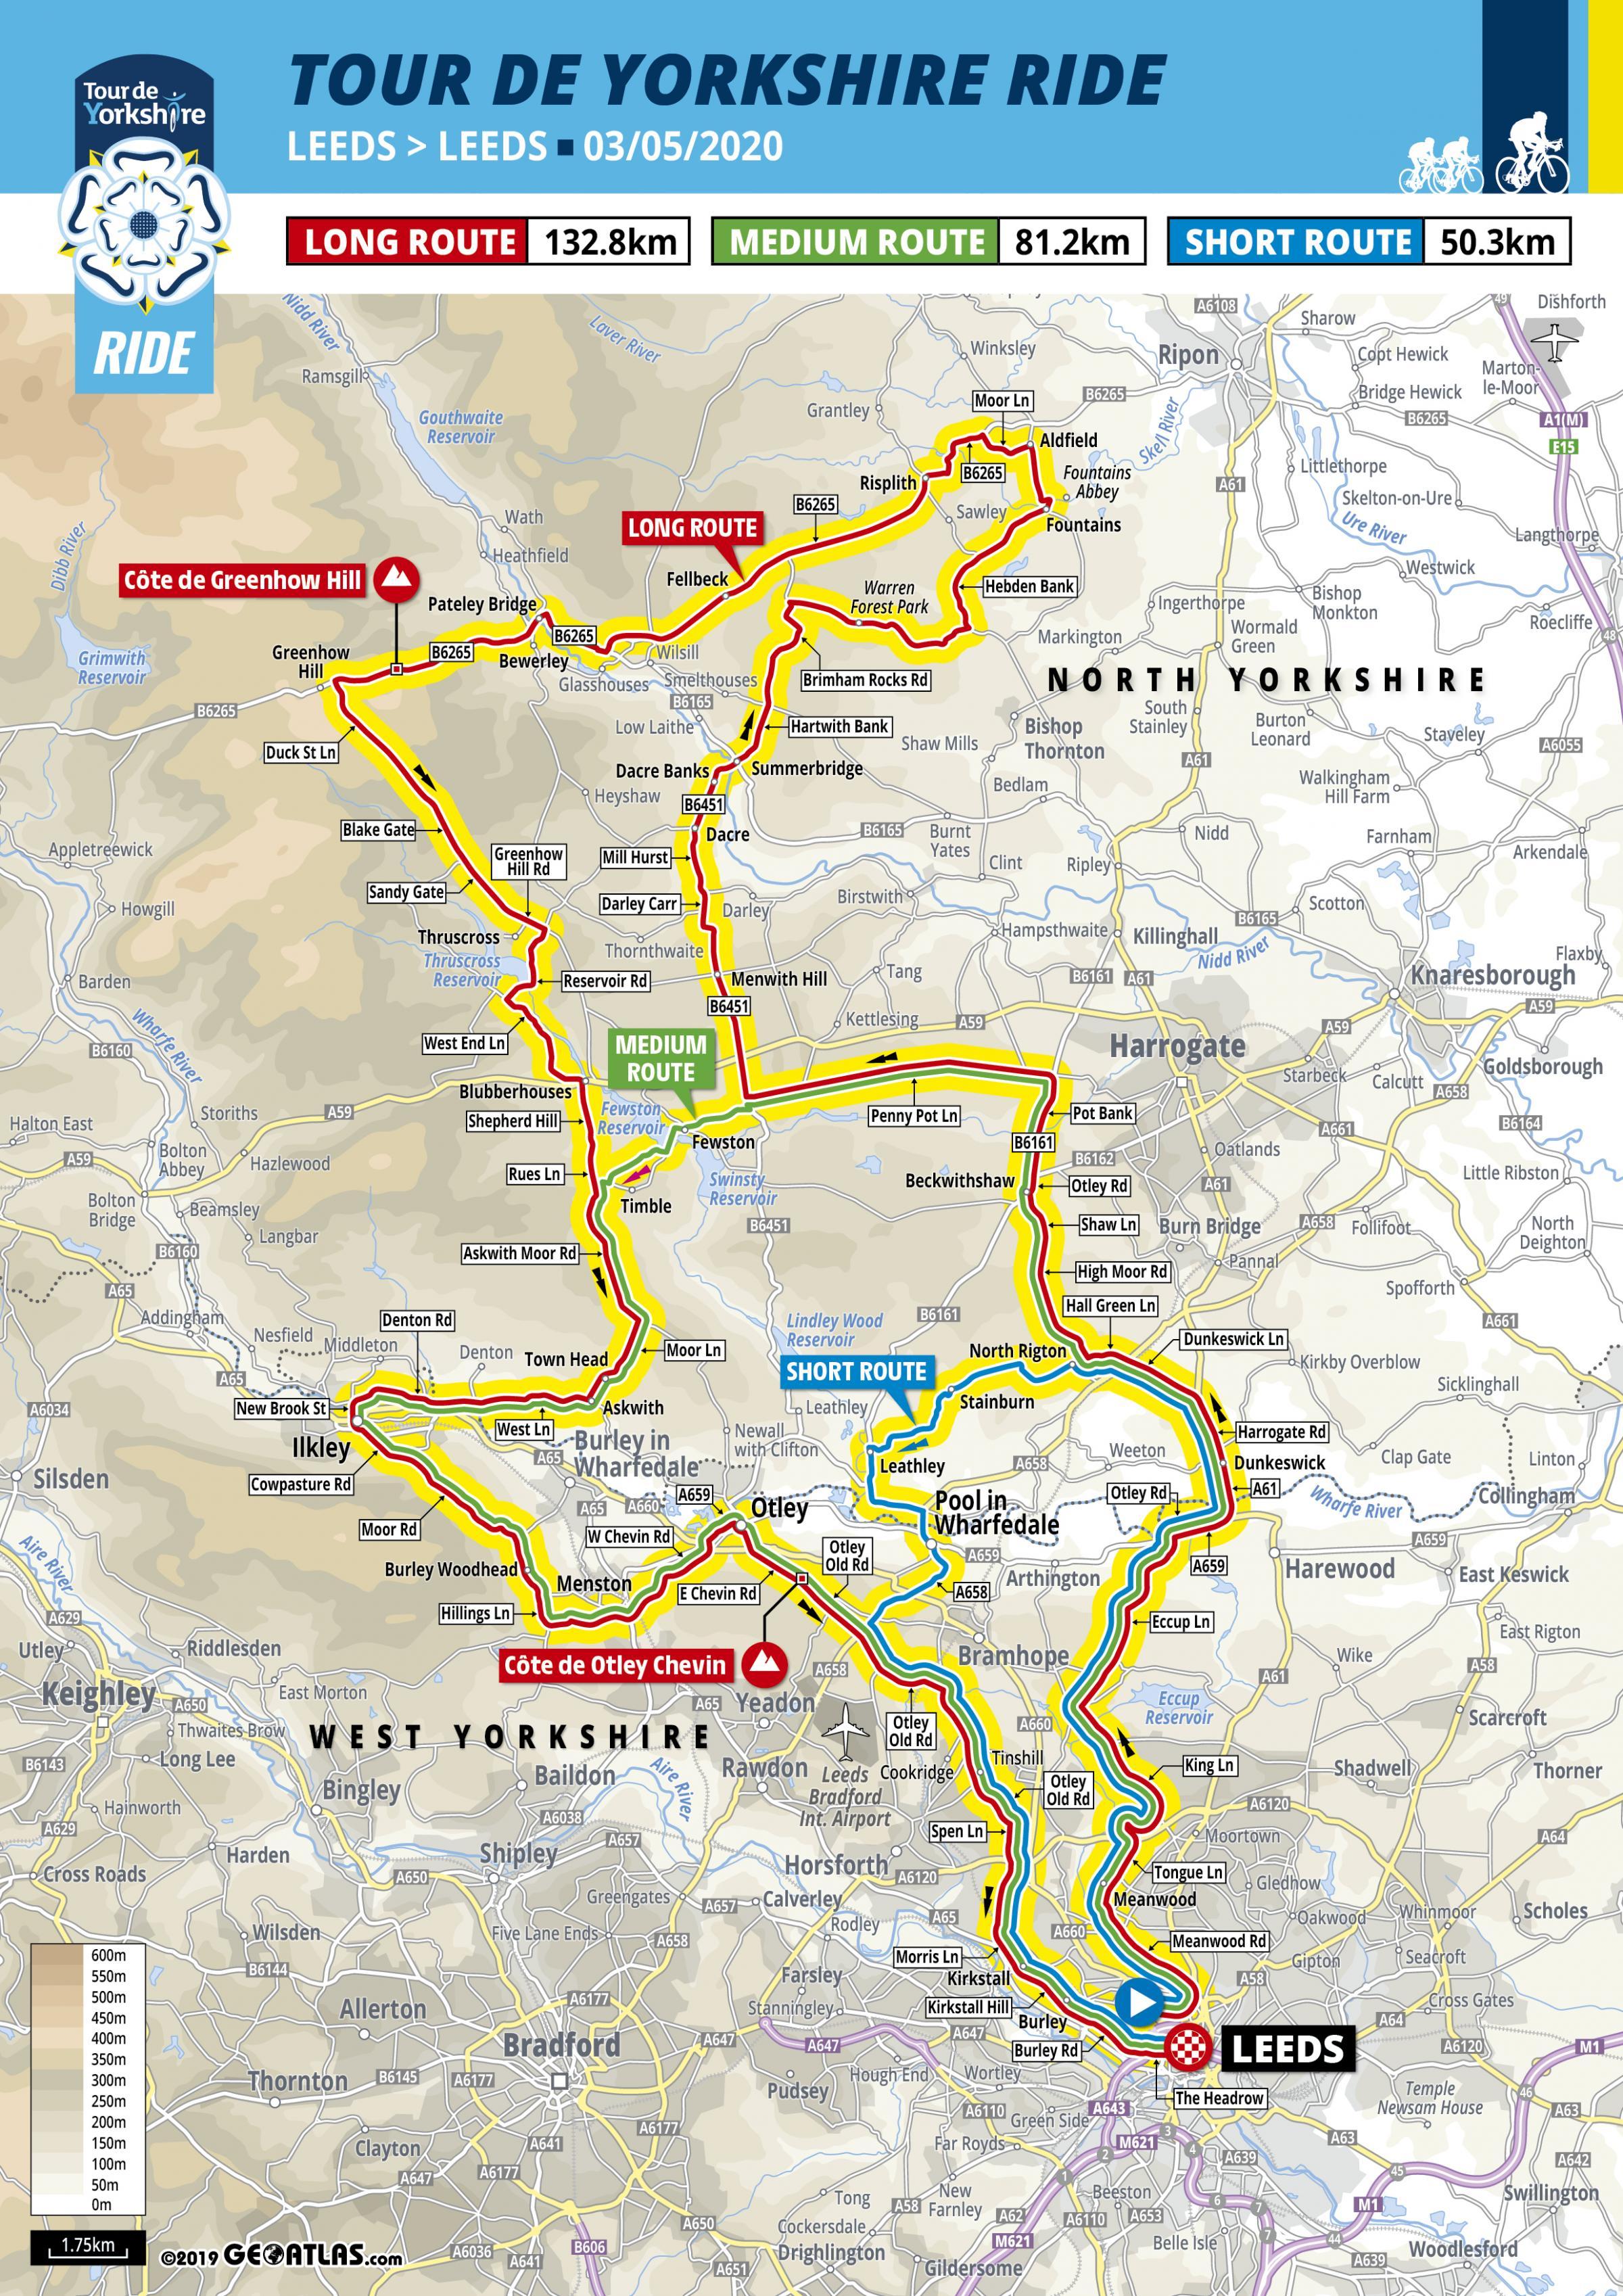 Tour De Yorkshire 2020 Routes Are Unveiled York Press